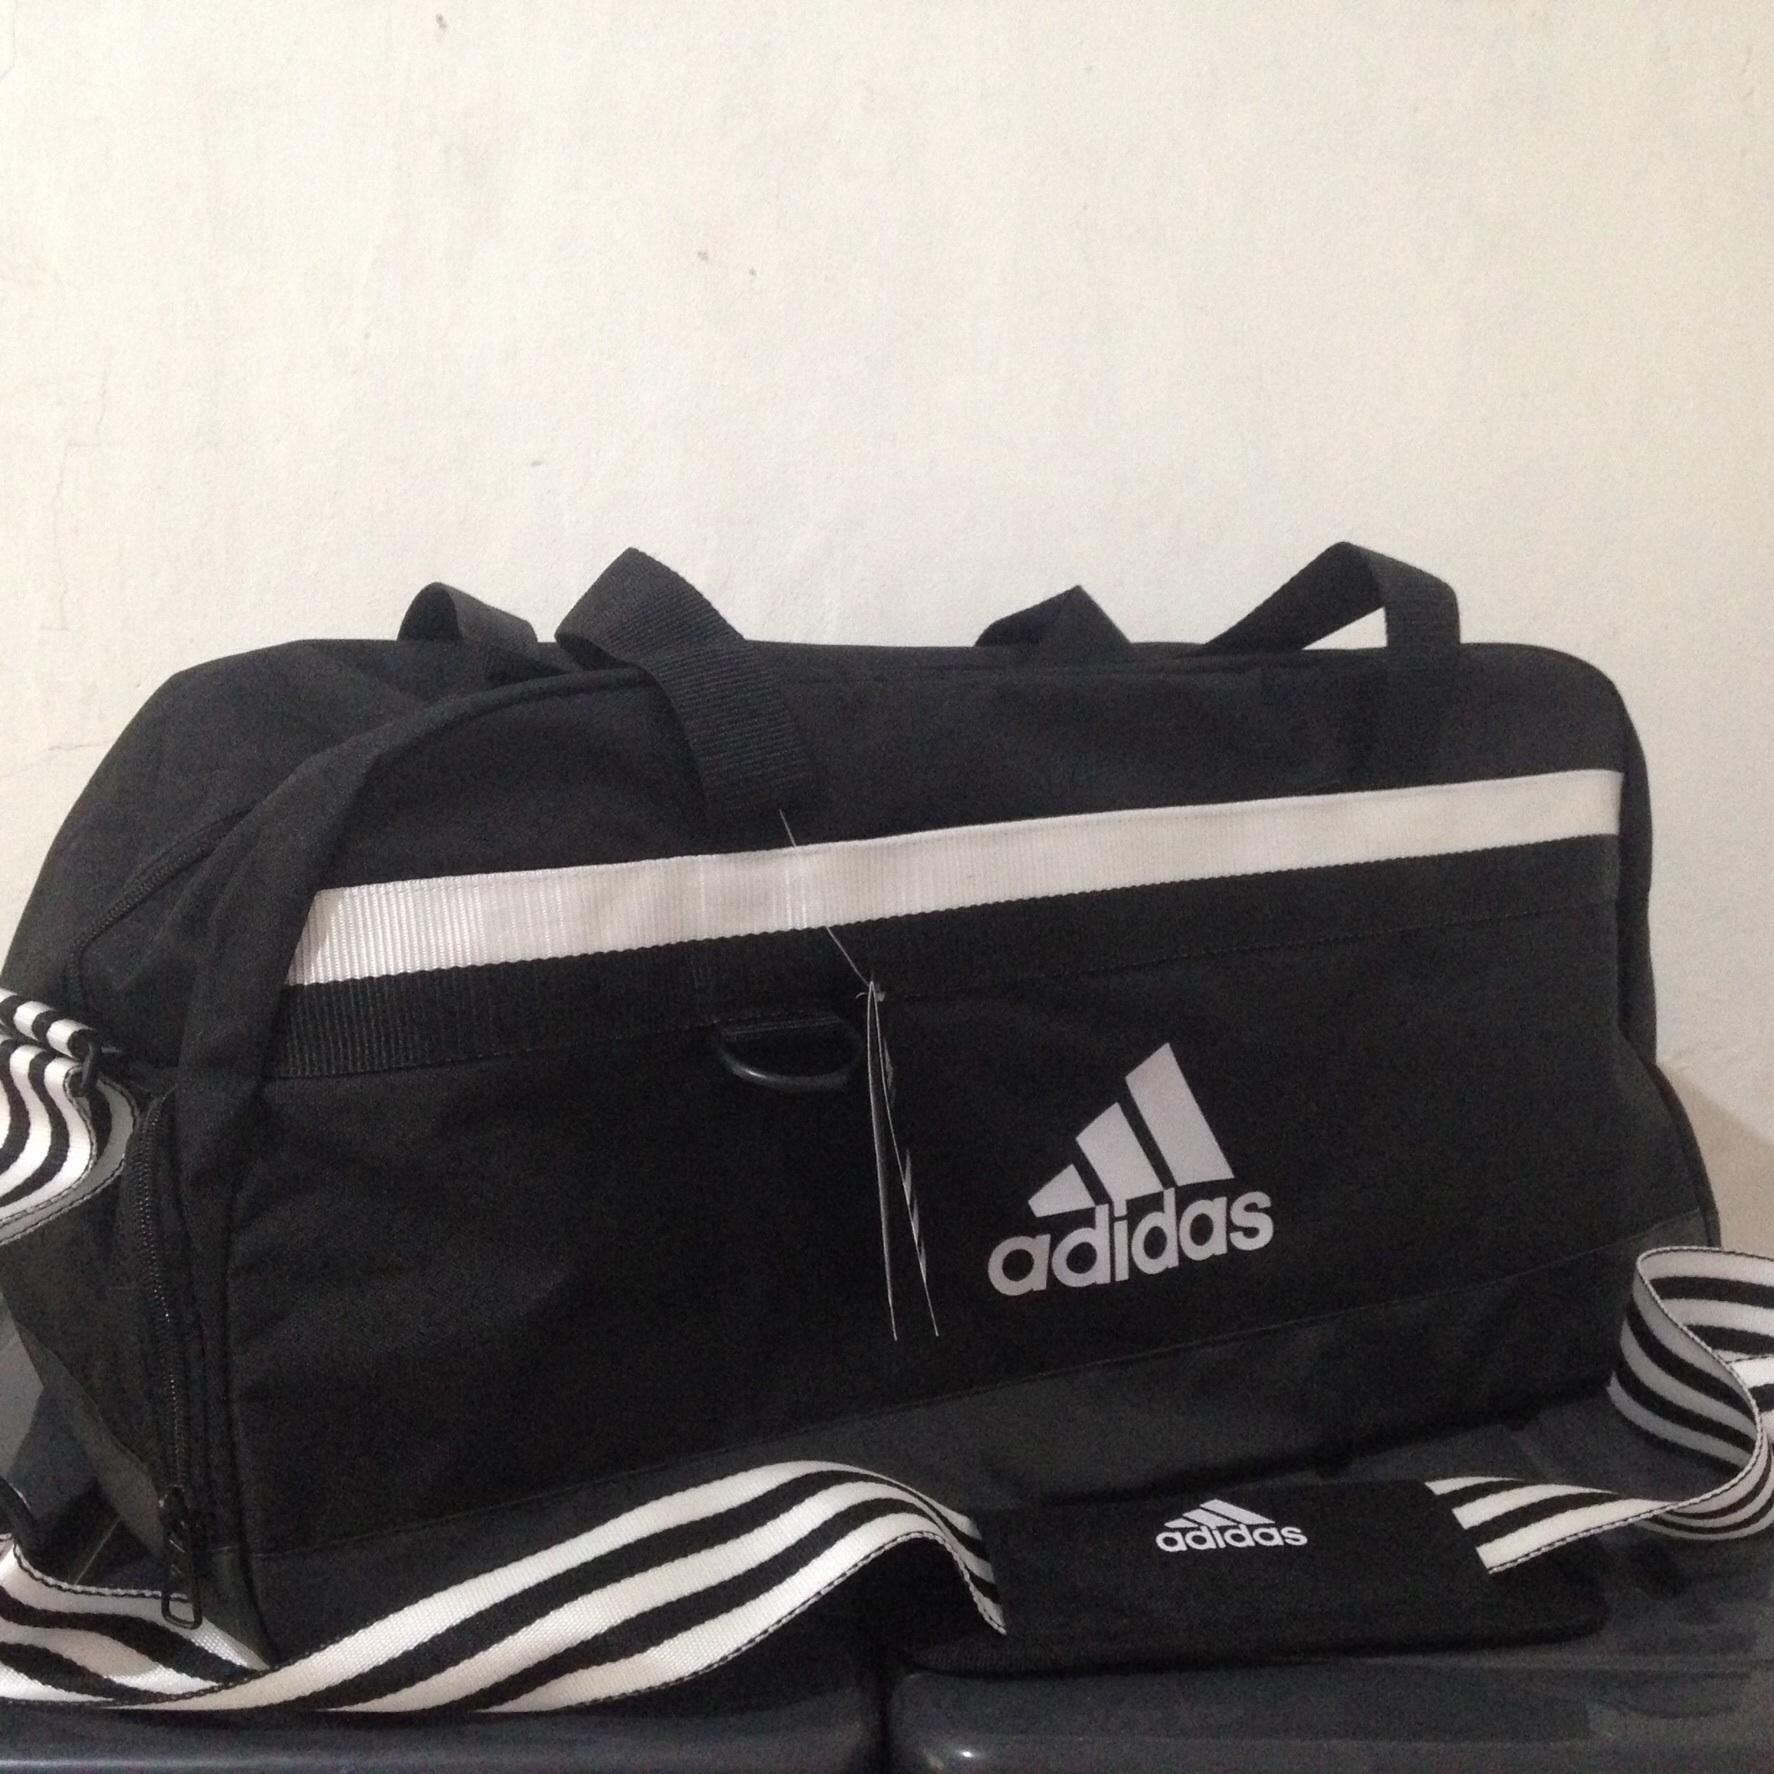 bb91cb285562 ... new style 42436 3f7b4 Jual Sport Bag Adidas Tas Fitness Gym Olahraga  Tiro Shoes Sepatu Hitam ...